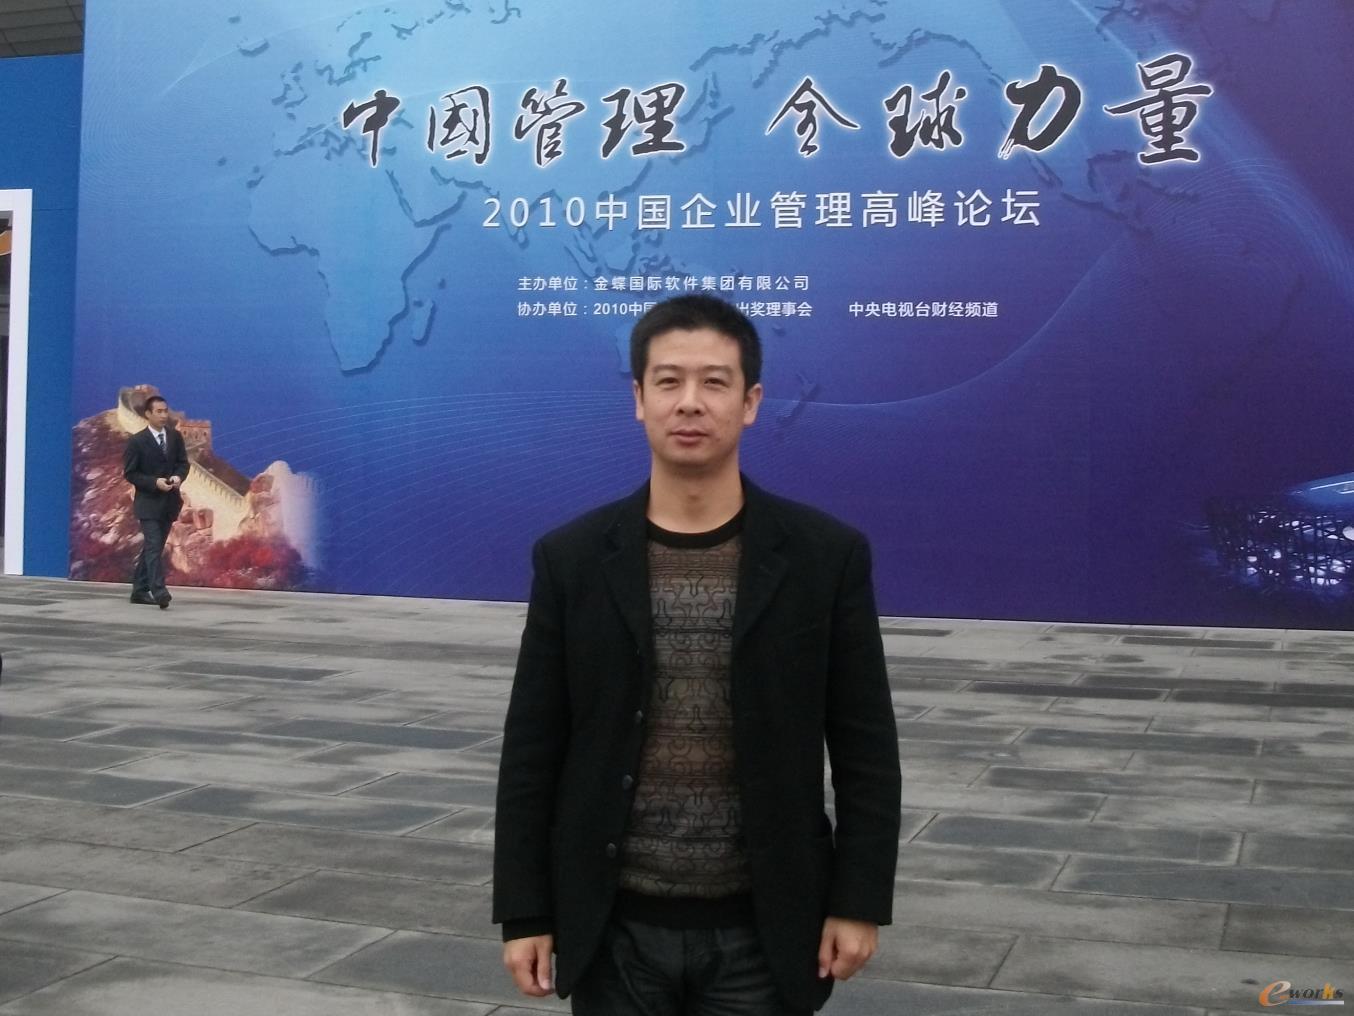 大连亚明汽车部件股份有限公司副总经理(CIO) 肖庆阳